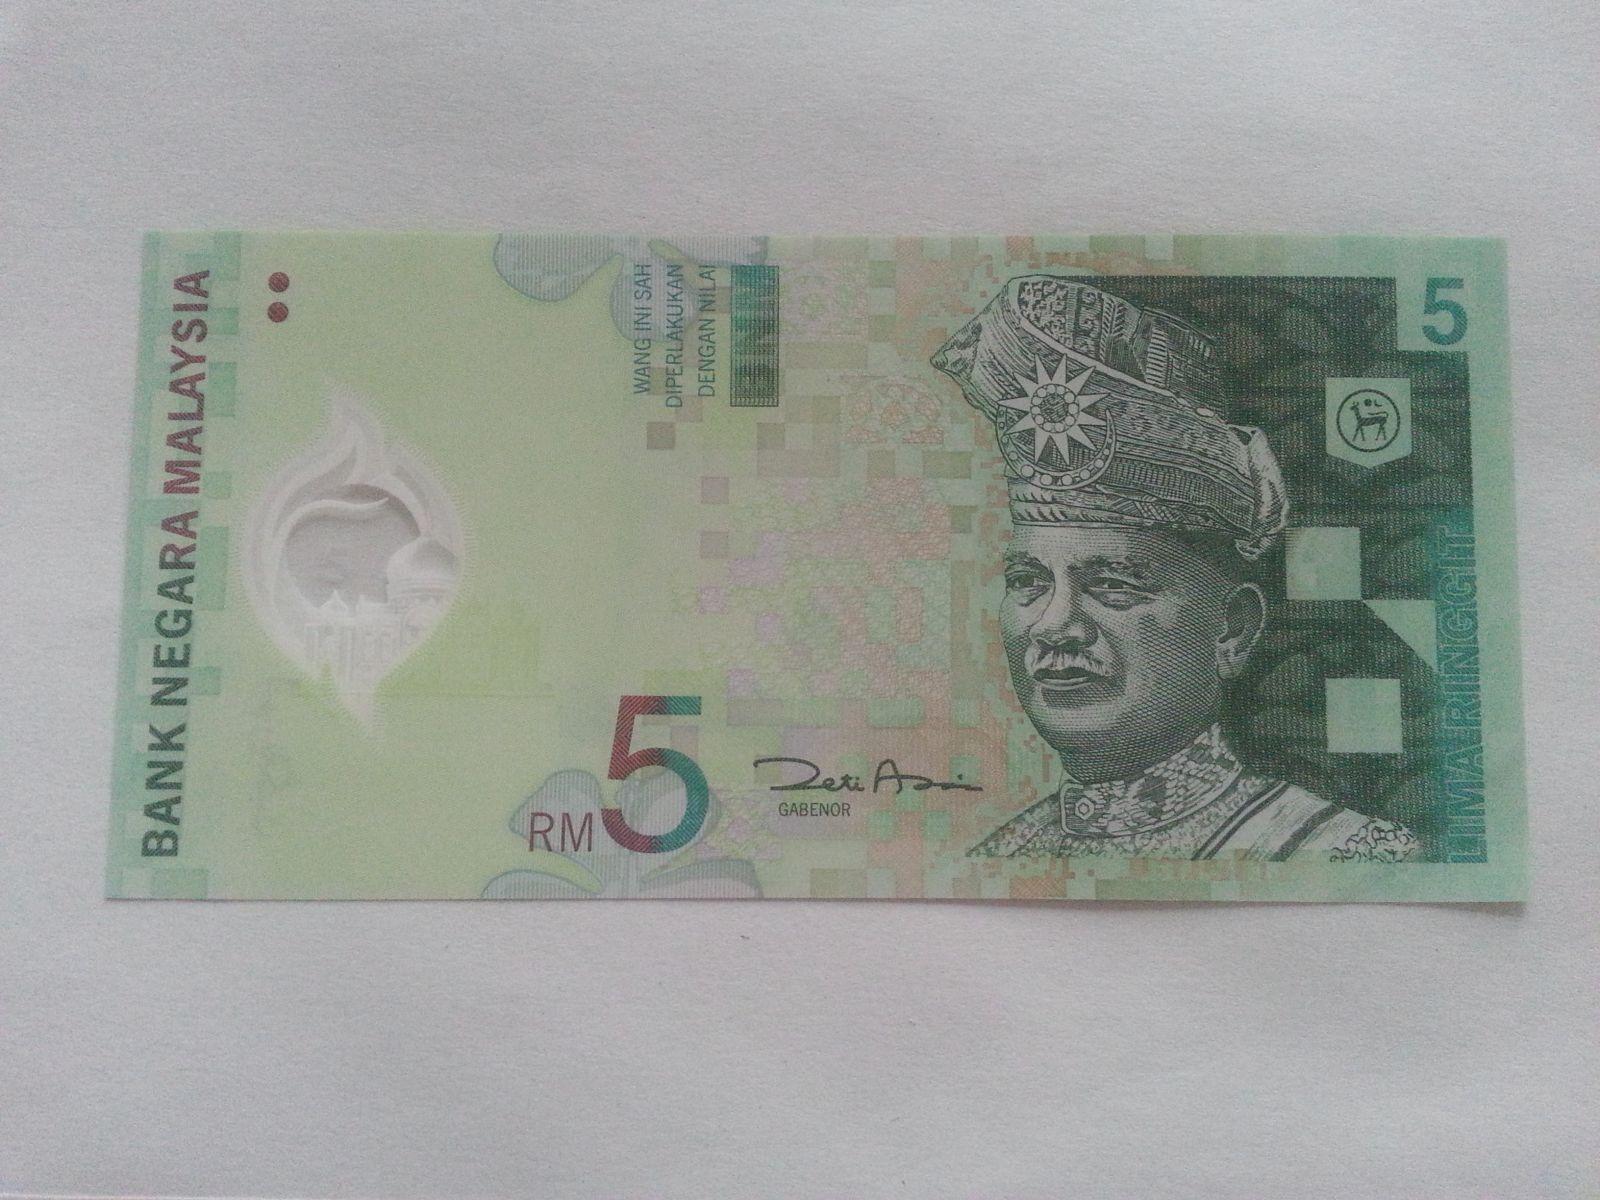 5 RM, Malajsie